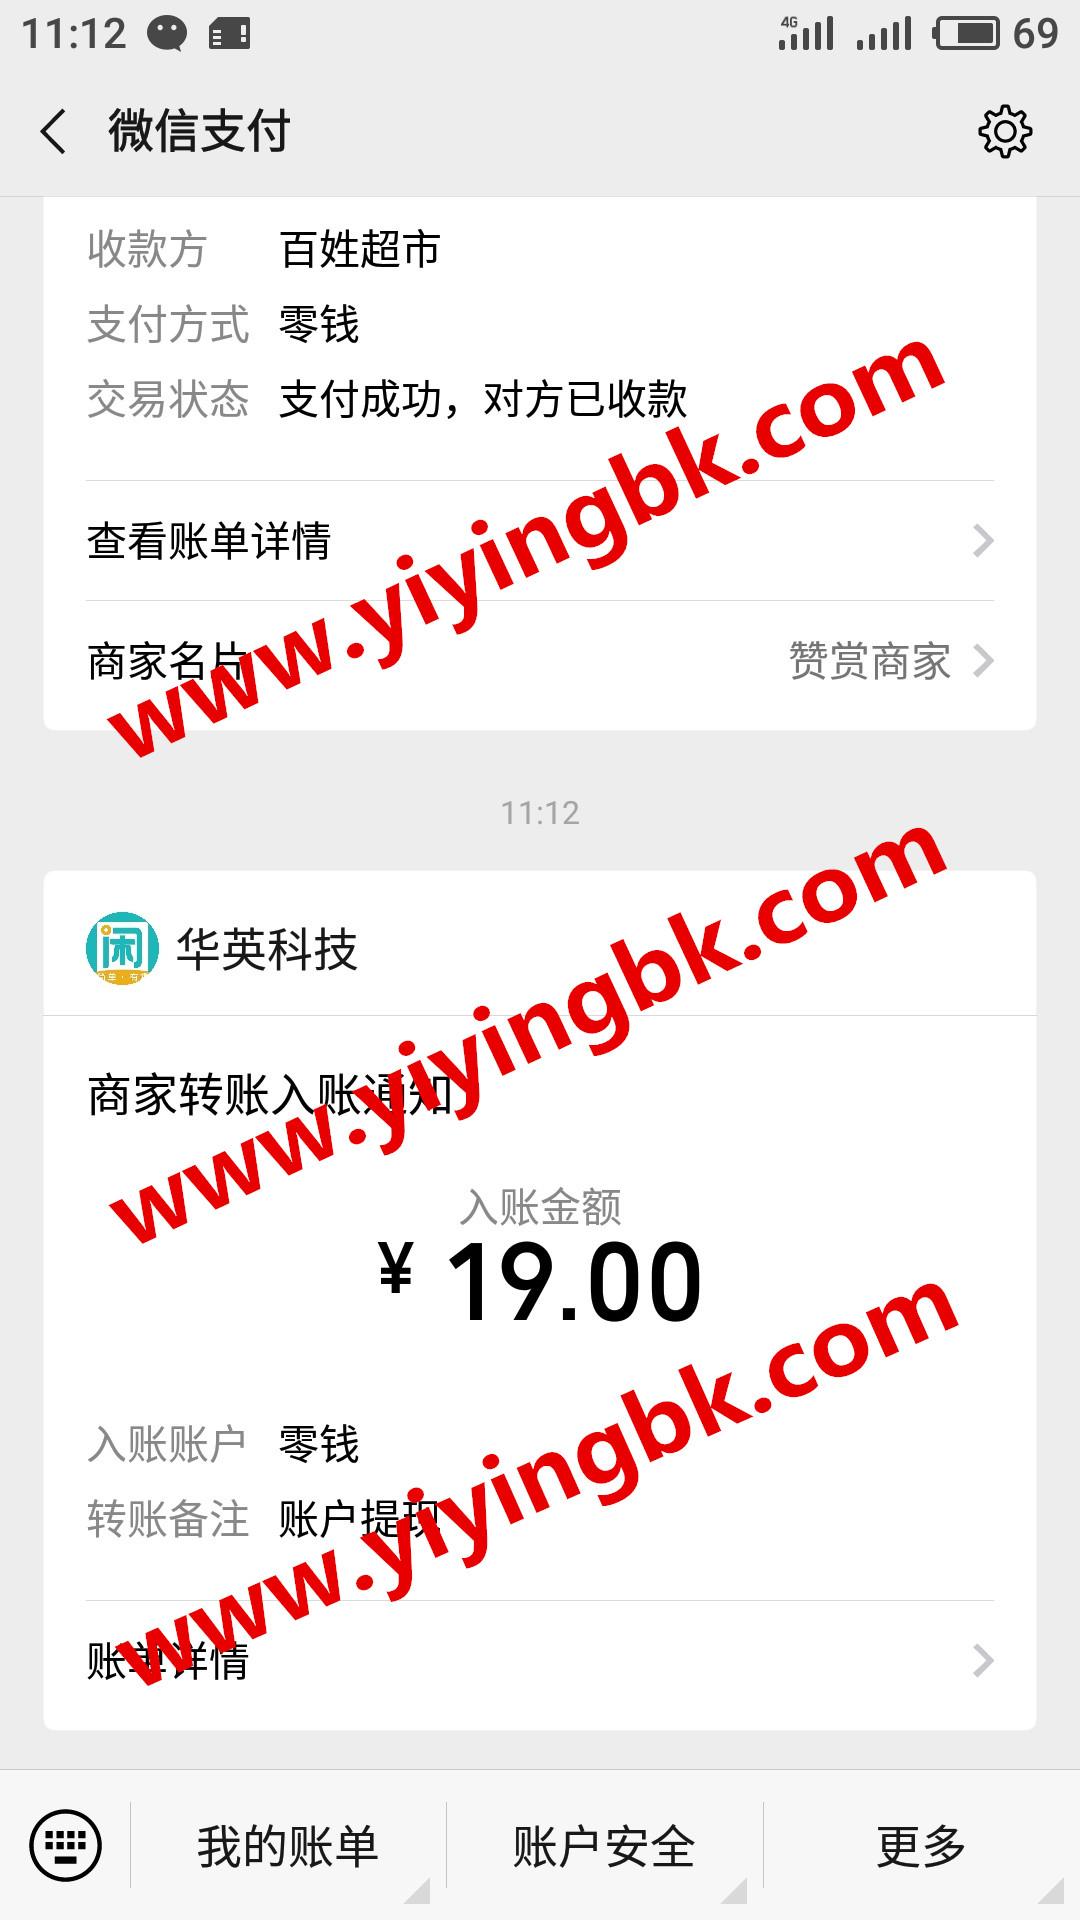 手机免费做任务赚钱,微信提现19元支付秒到账,www.yiyingbk.com